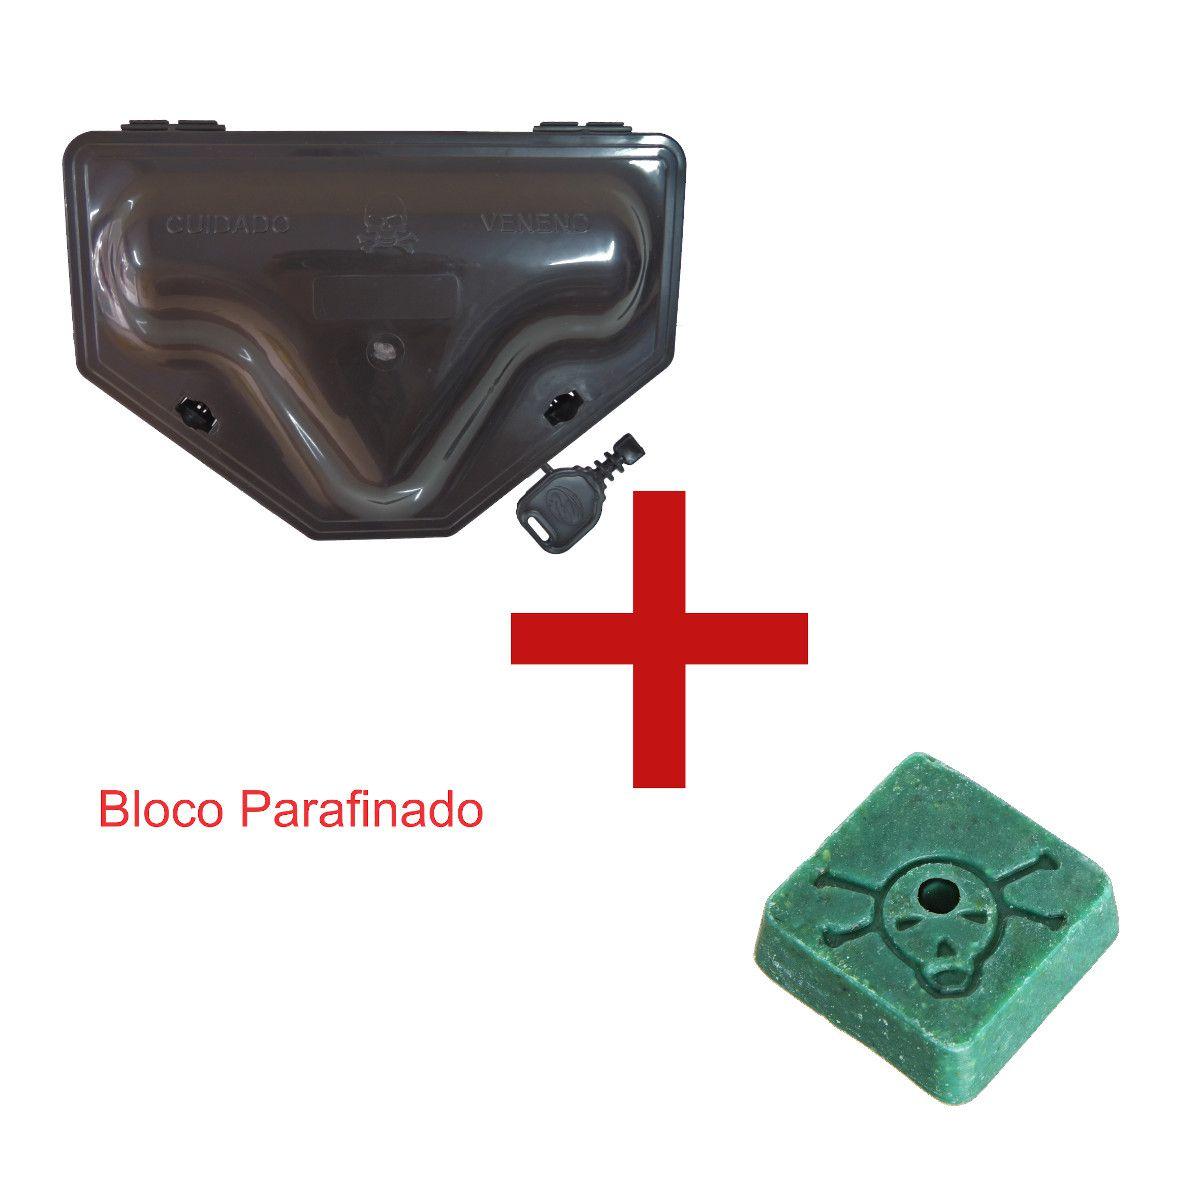 KIT 700 Porta Iscas Forte 2 TRAVAS Chave Ratoeira Mata Ratos